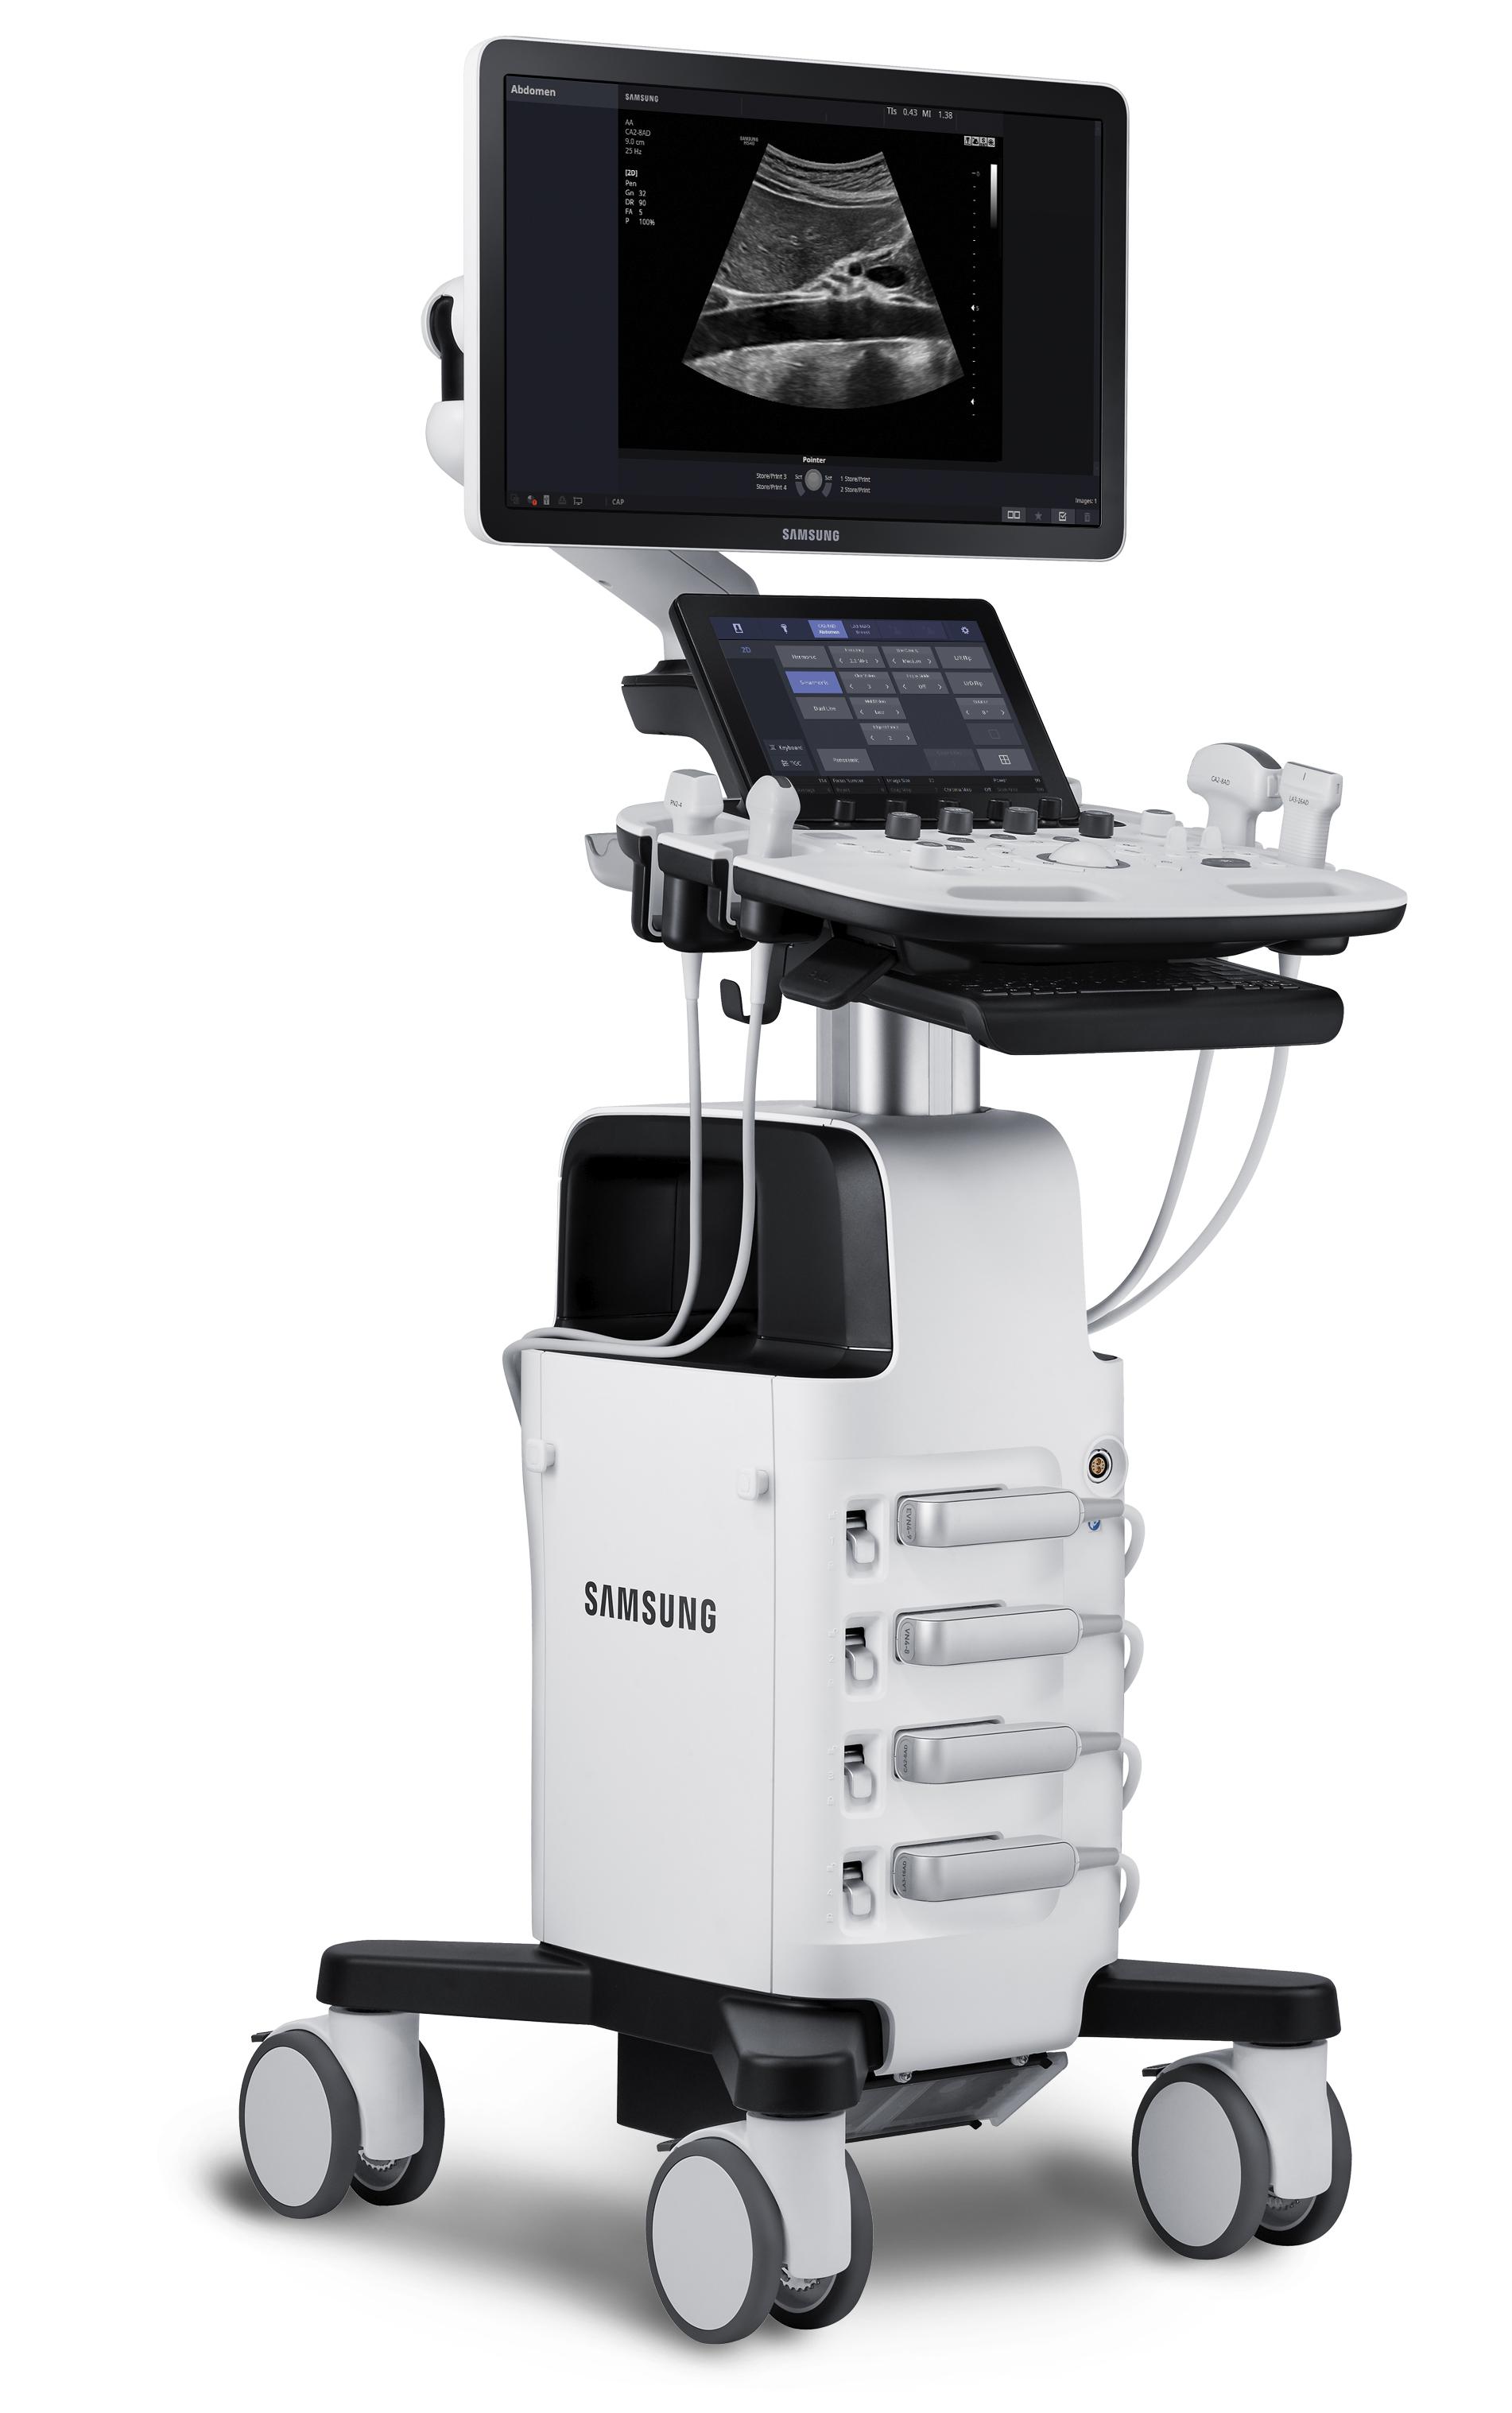 Samsung Ultrasound